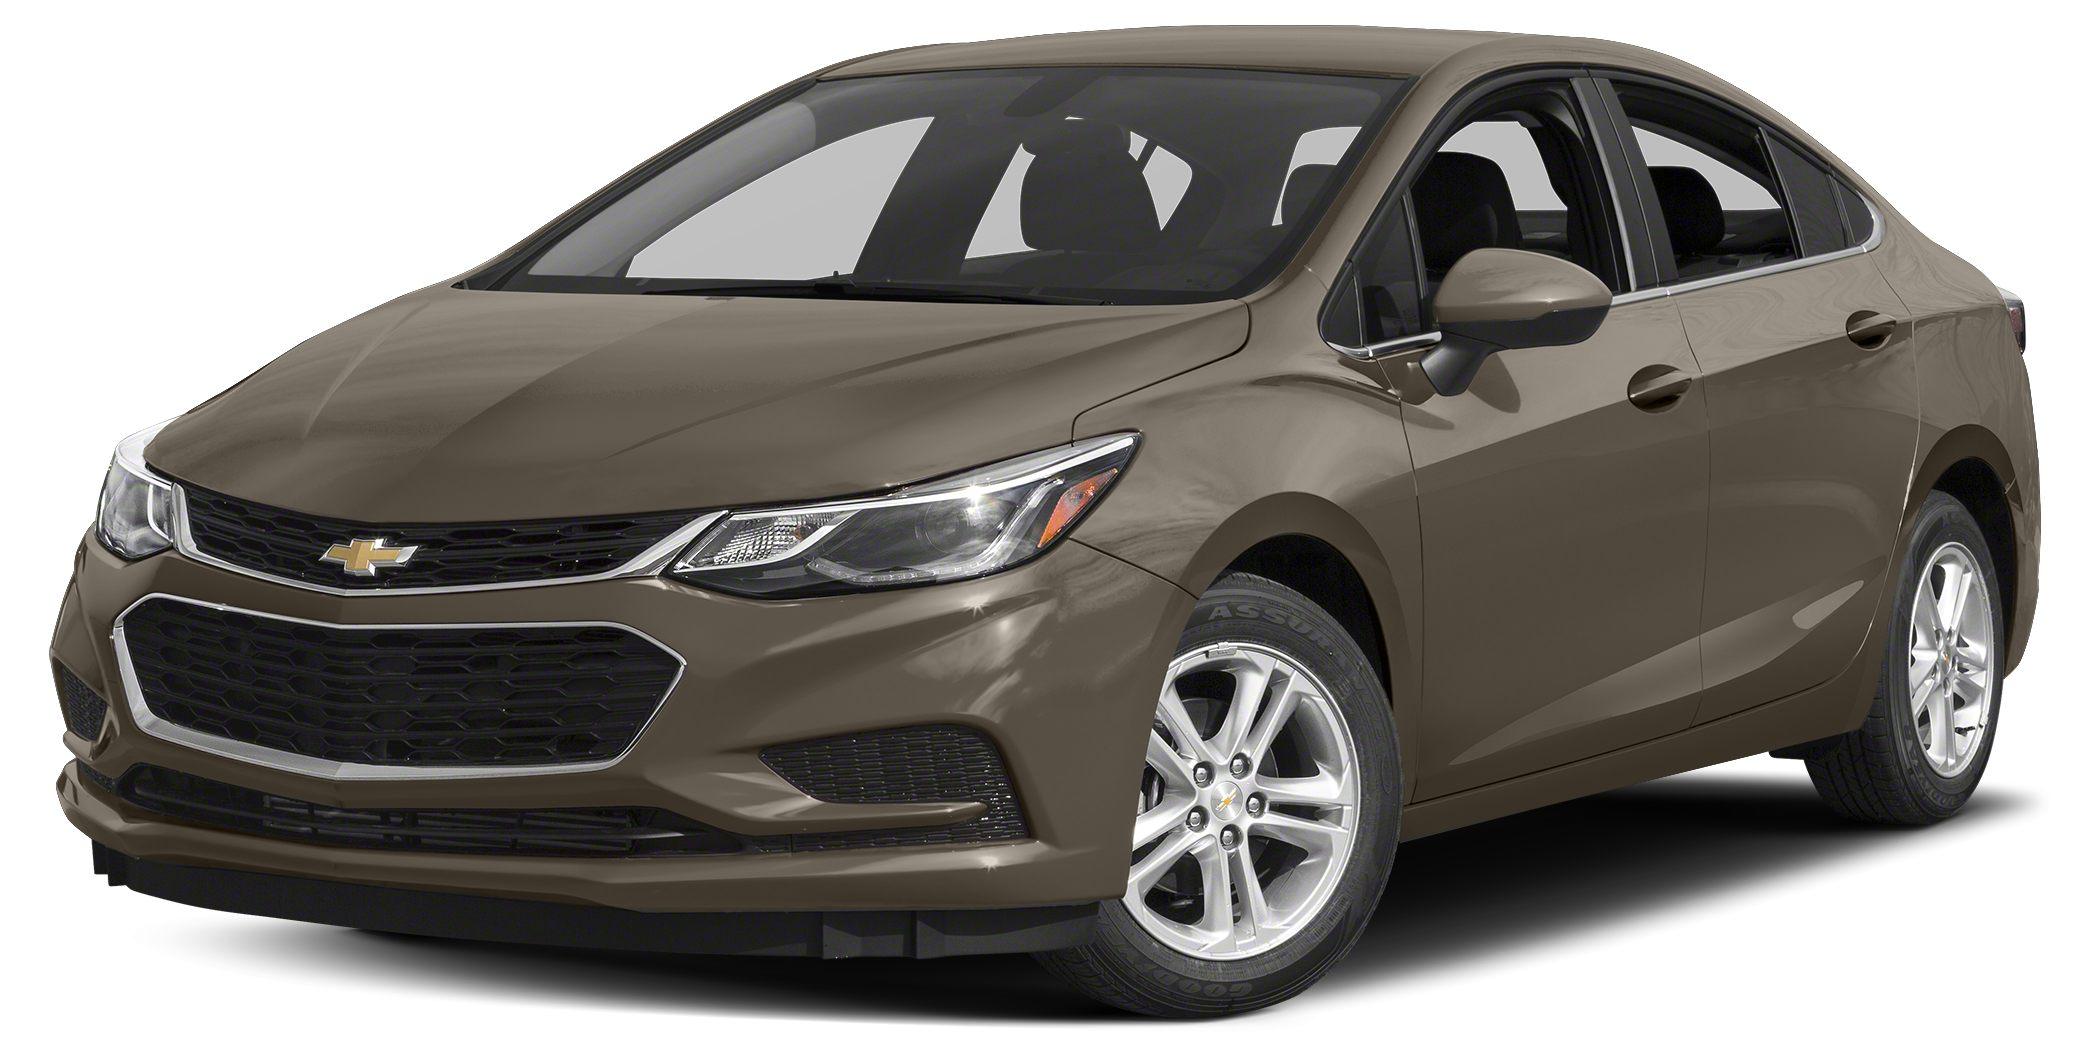 2018 Chevrolet Cruze LT Miles 0Color Pepperdust Metallic Stock VTFNQX VIN 1G1BE5SM8J7163617